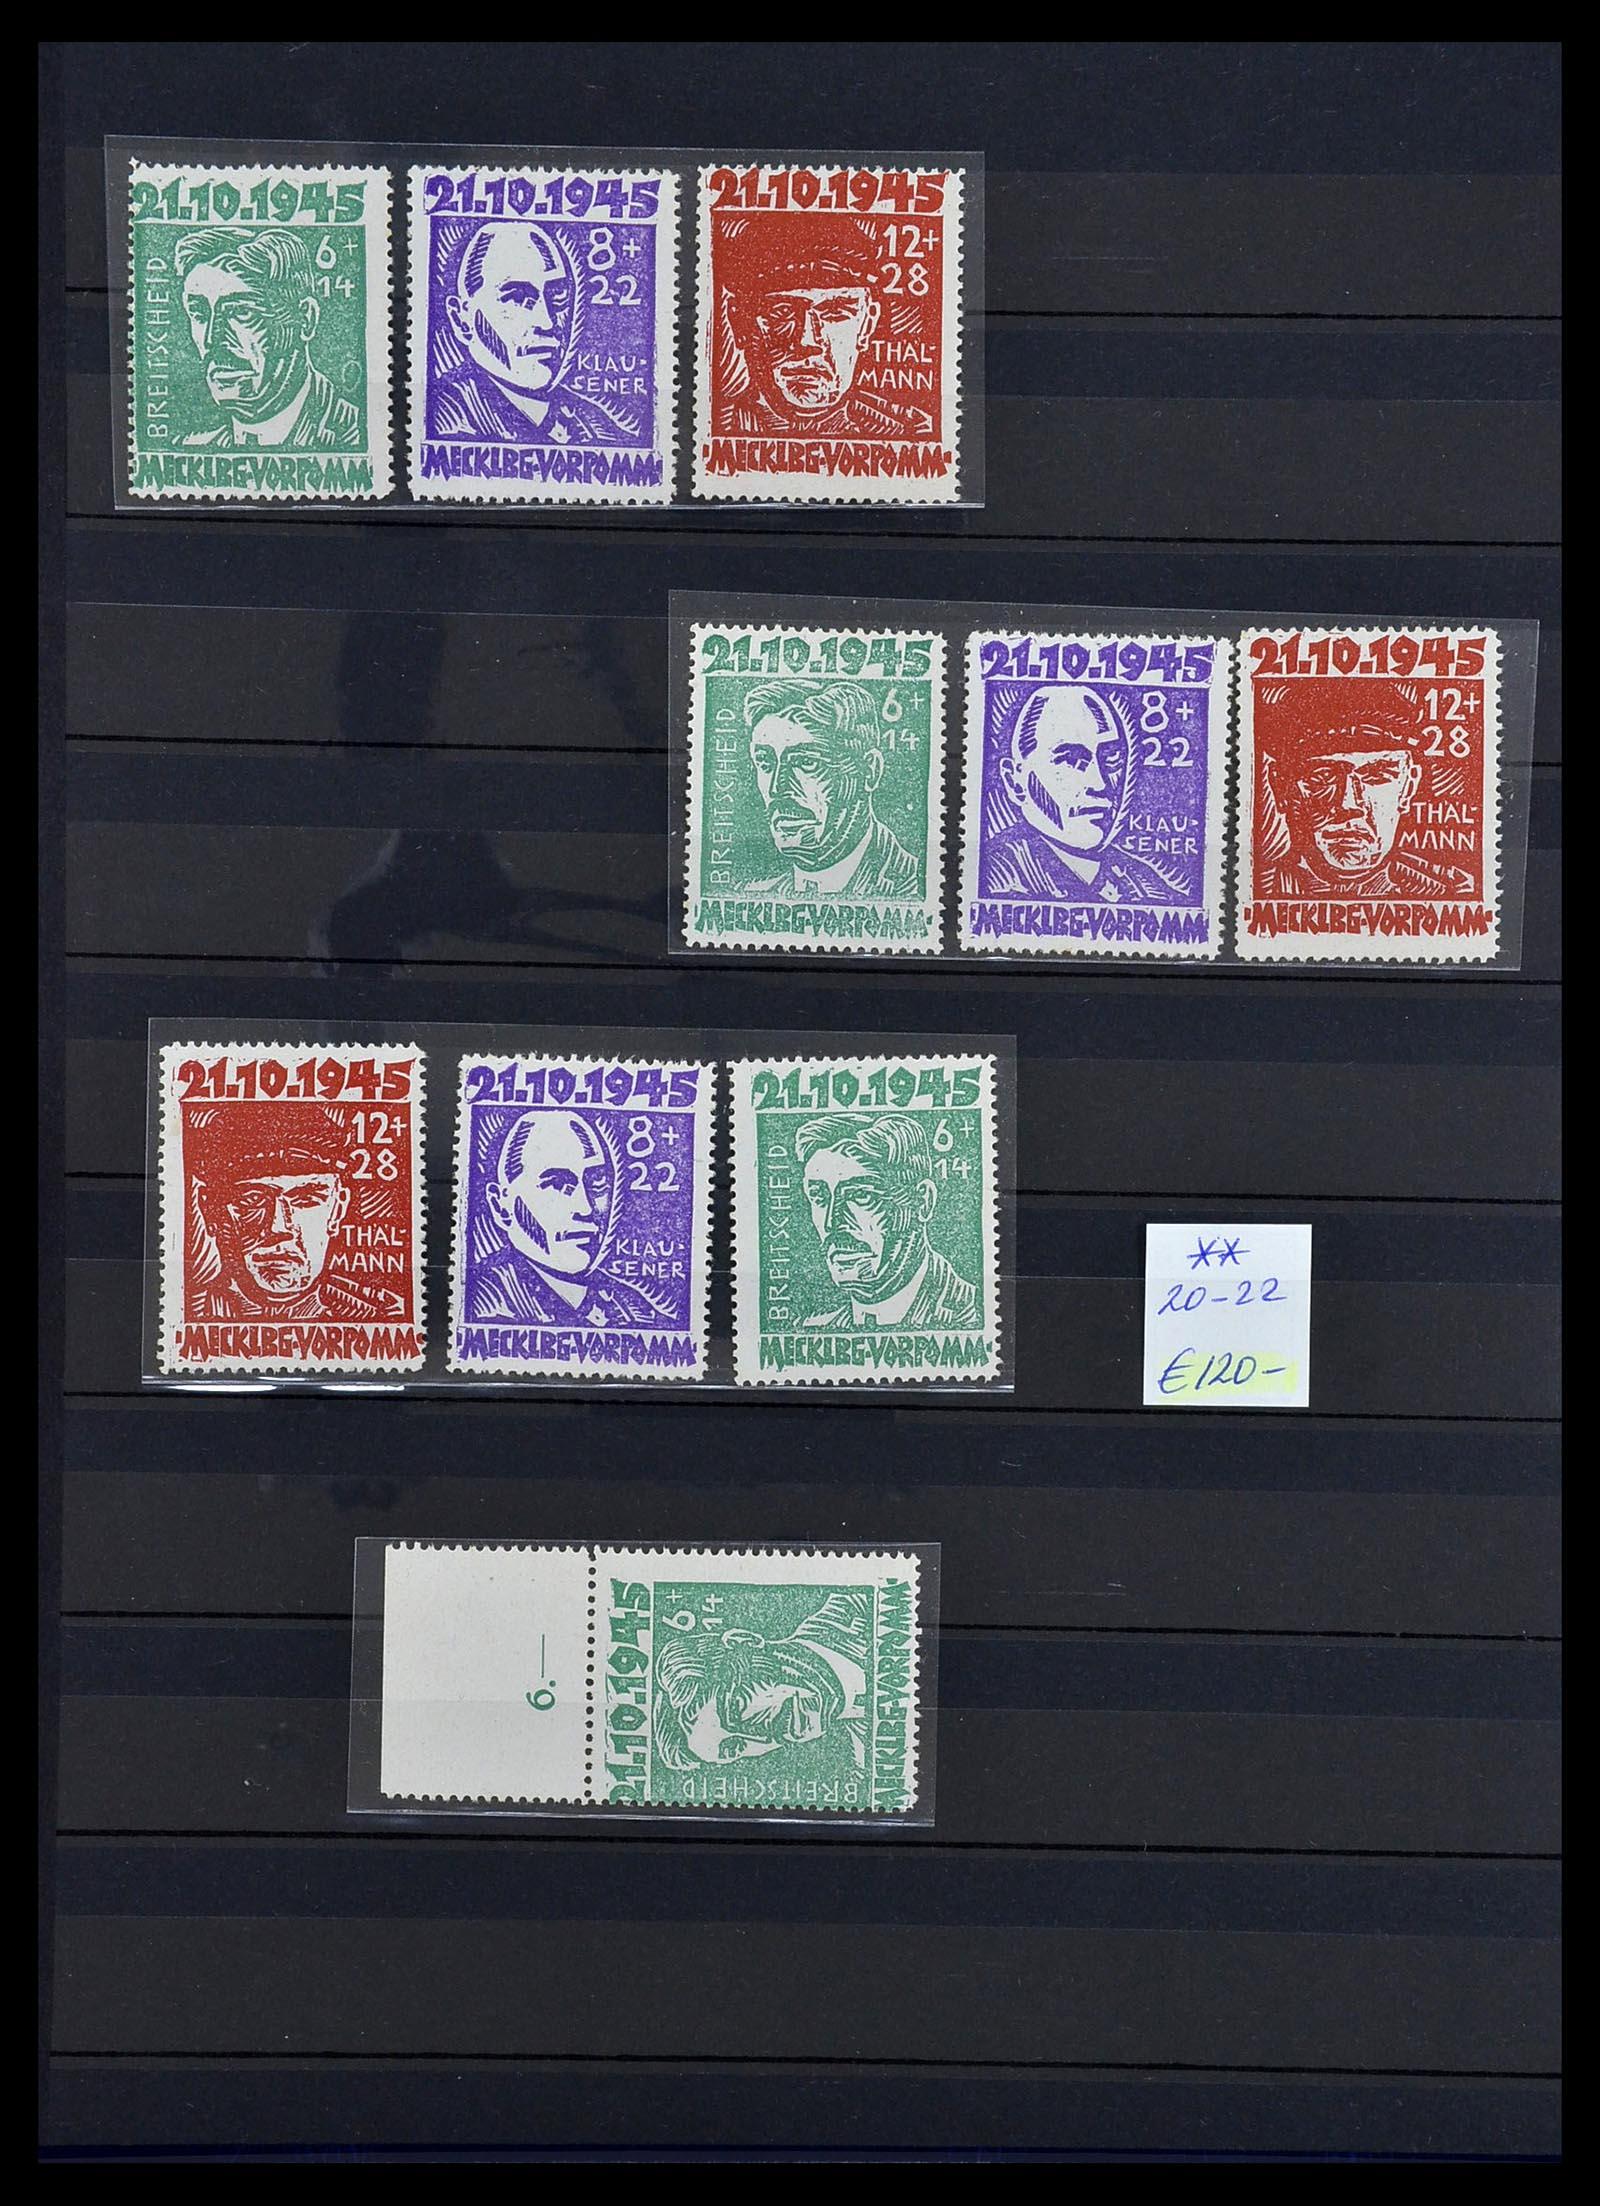 34039 006 - Postzegelverzameling 34039 Mecklenburg-Vorpommern 1945-1946.